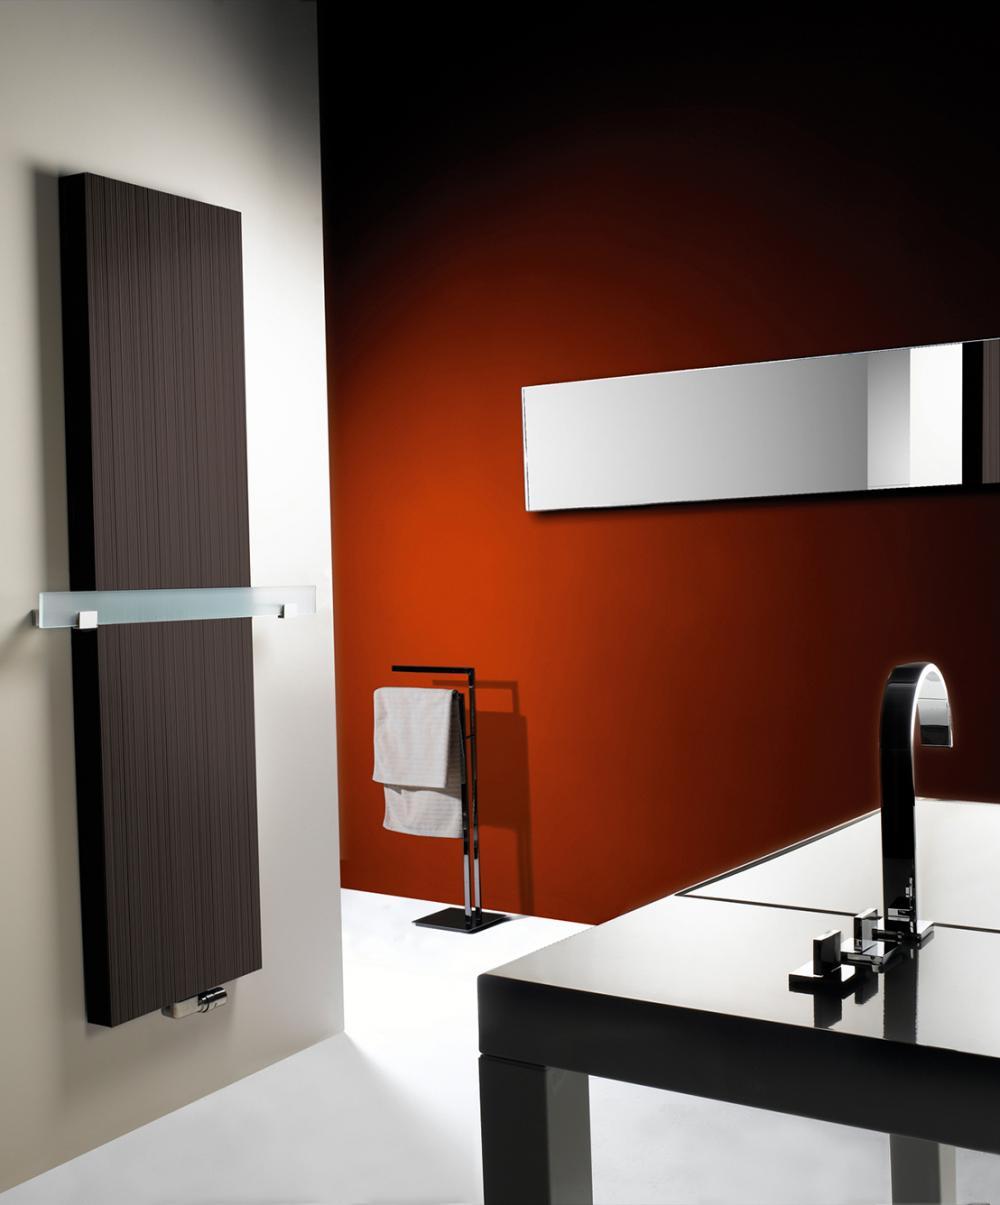 Calorifere decorative aluminiu Vasco Bryce 1800x600 mm, 2184 W